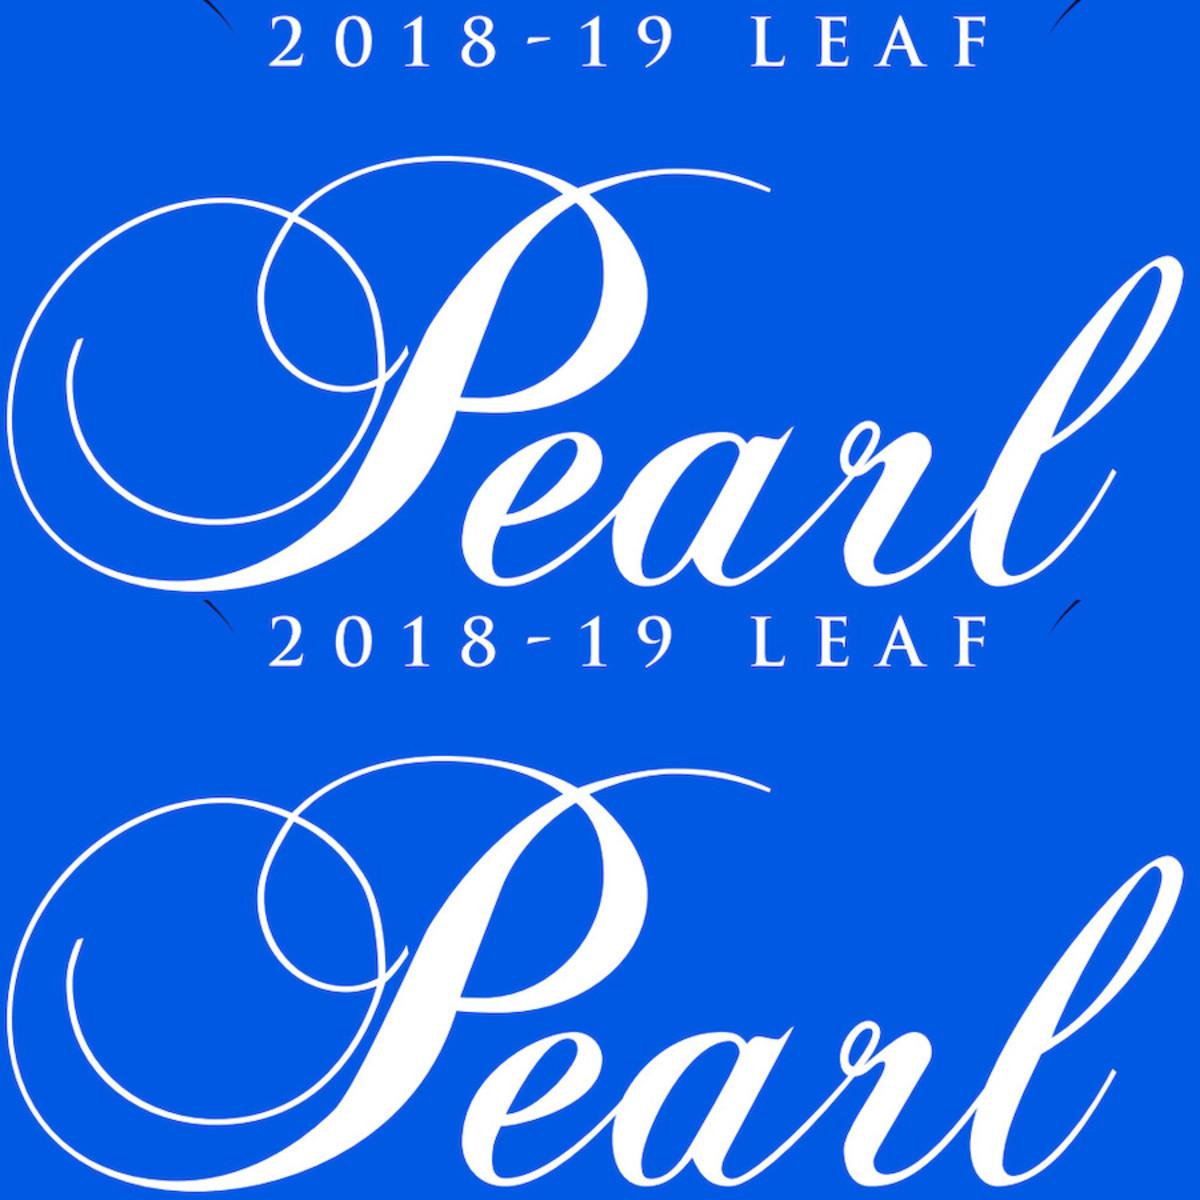 1LeafPearl